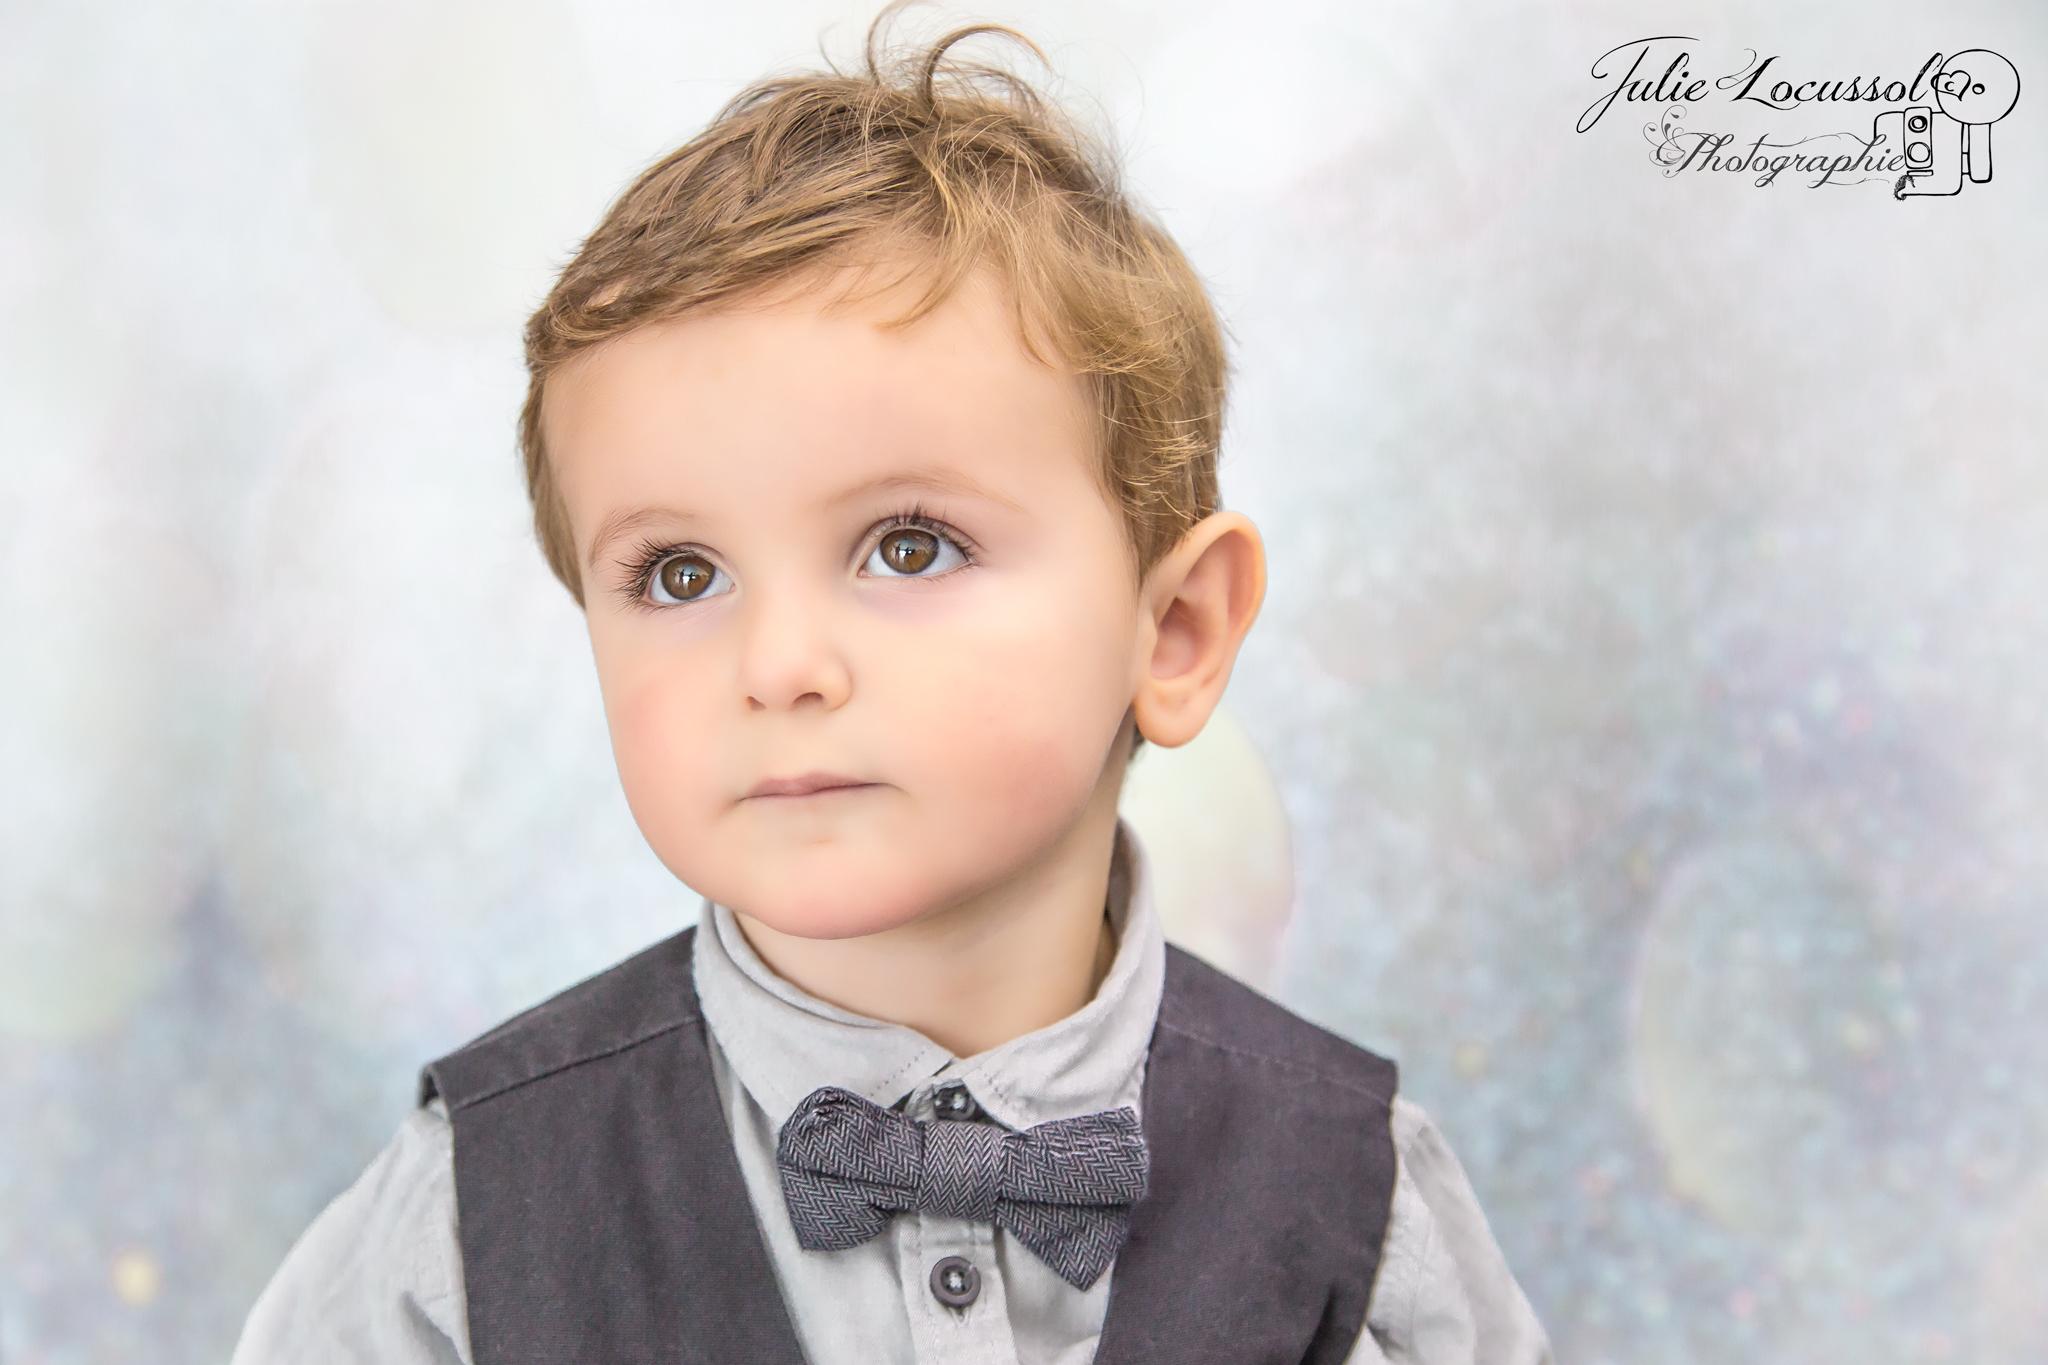 Photographe enfant Cognac